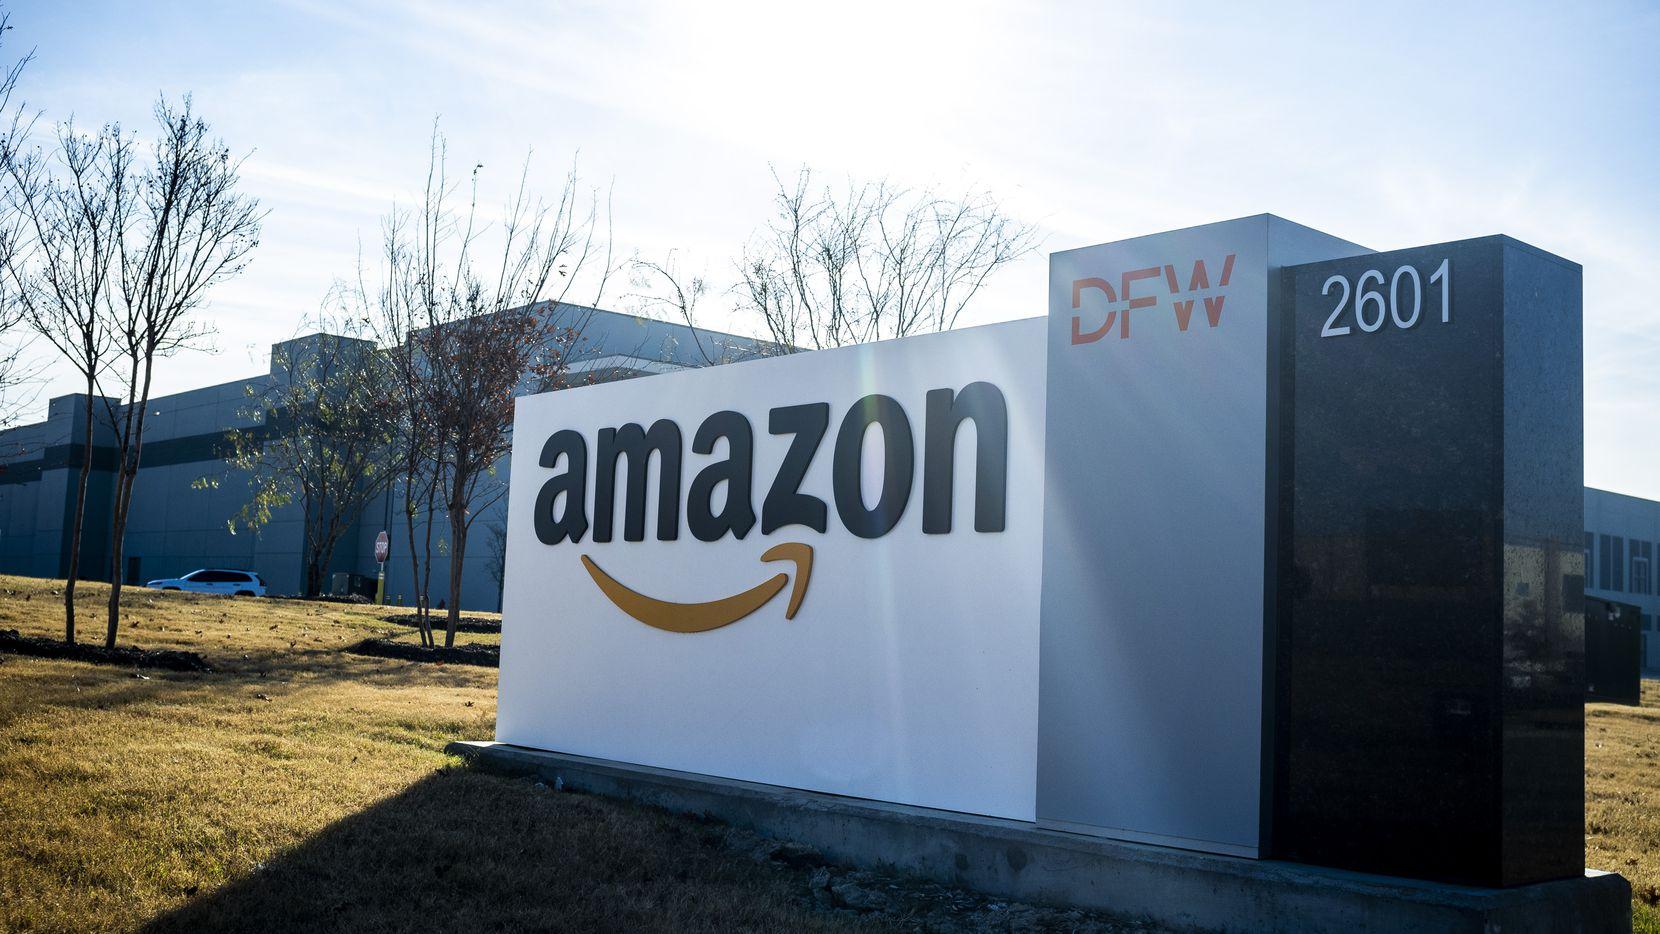 El centro de distribución de Amazon en Grapevine, Texas.